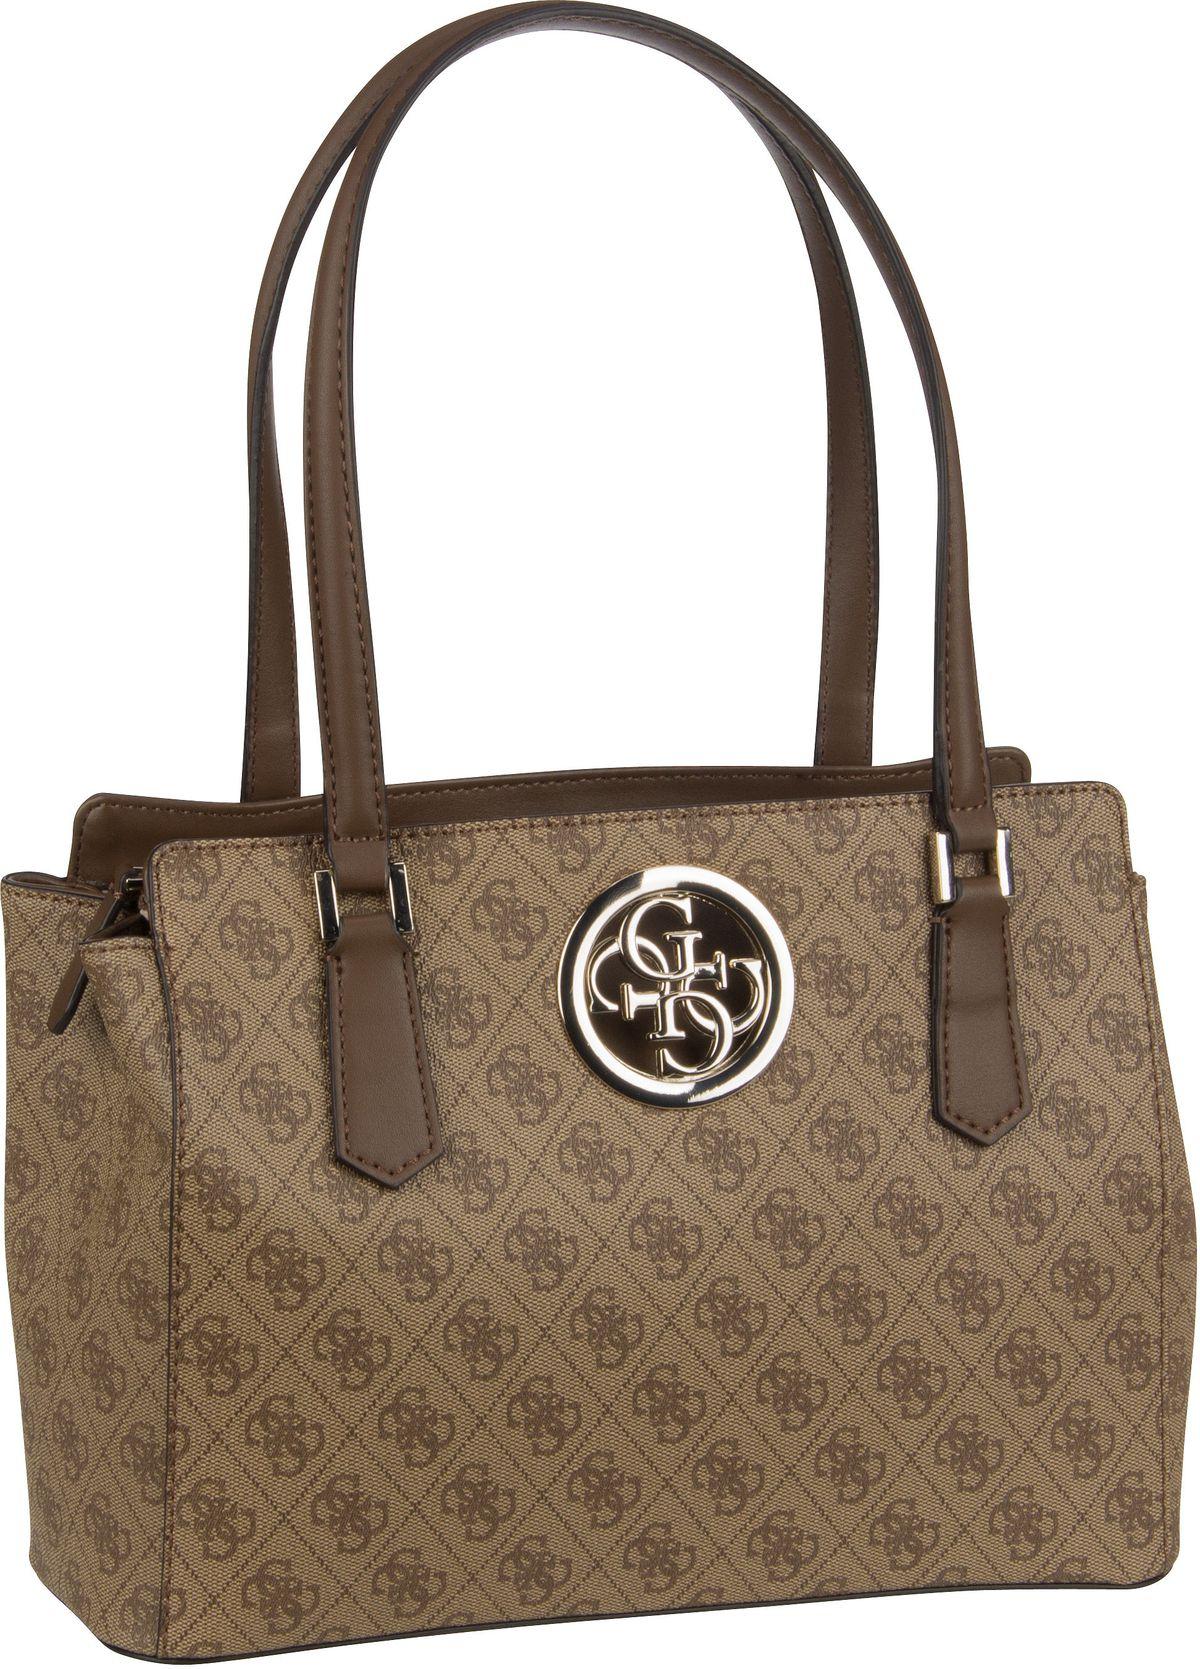 Handtasche Open Road Luxury Satchel Brown